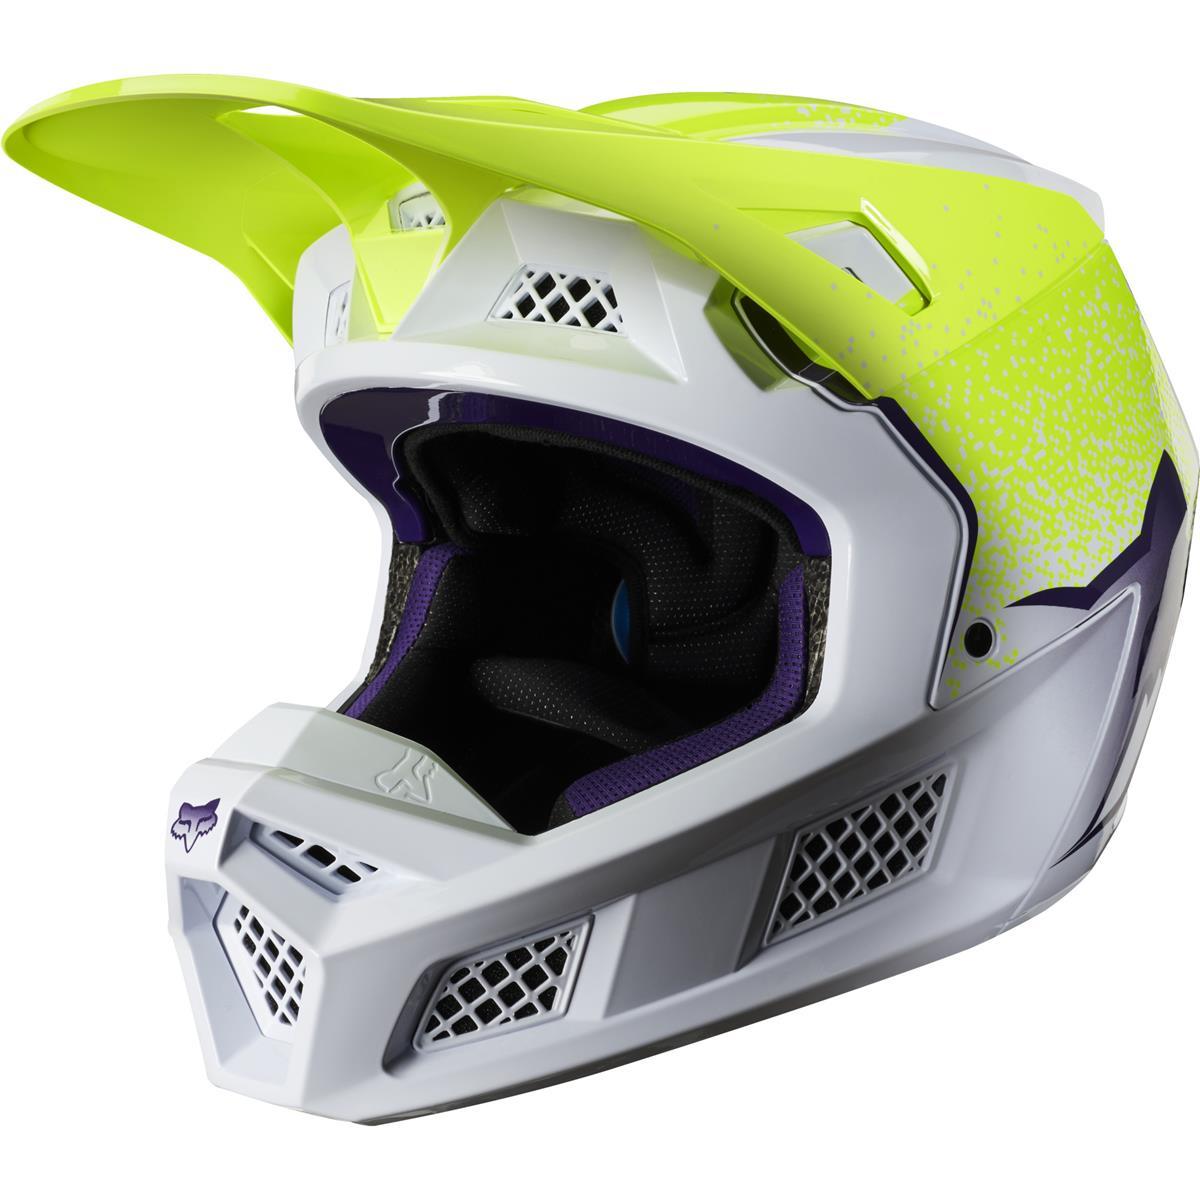 Fox Mx Helmet V3 Honr Limited Edition Flo Yellow Maciag Offroad